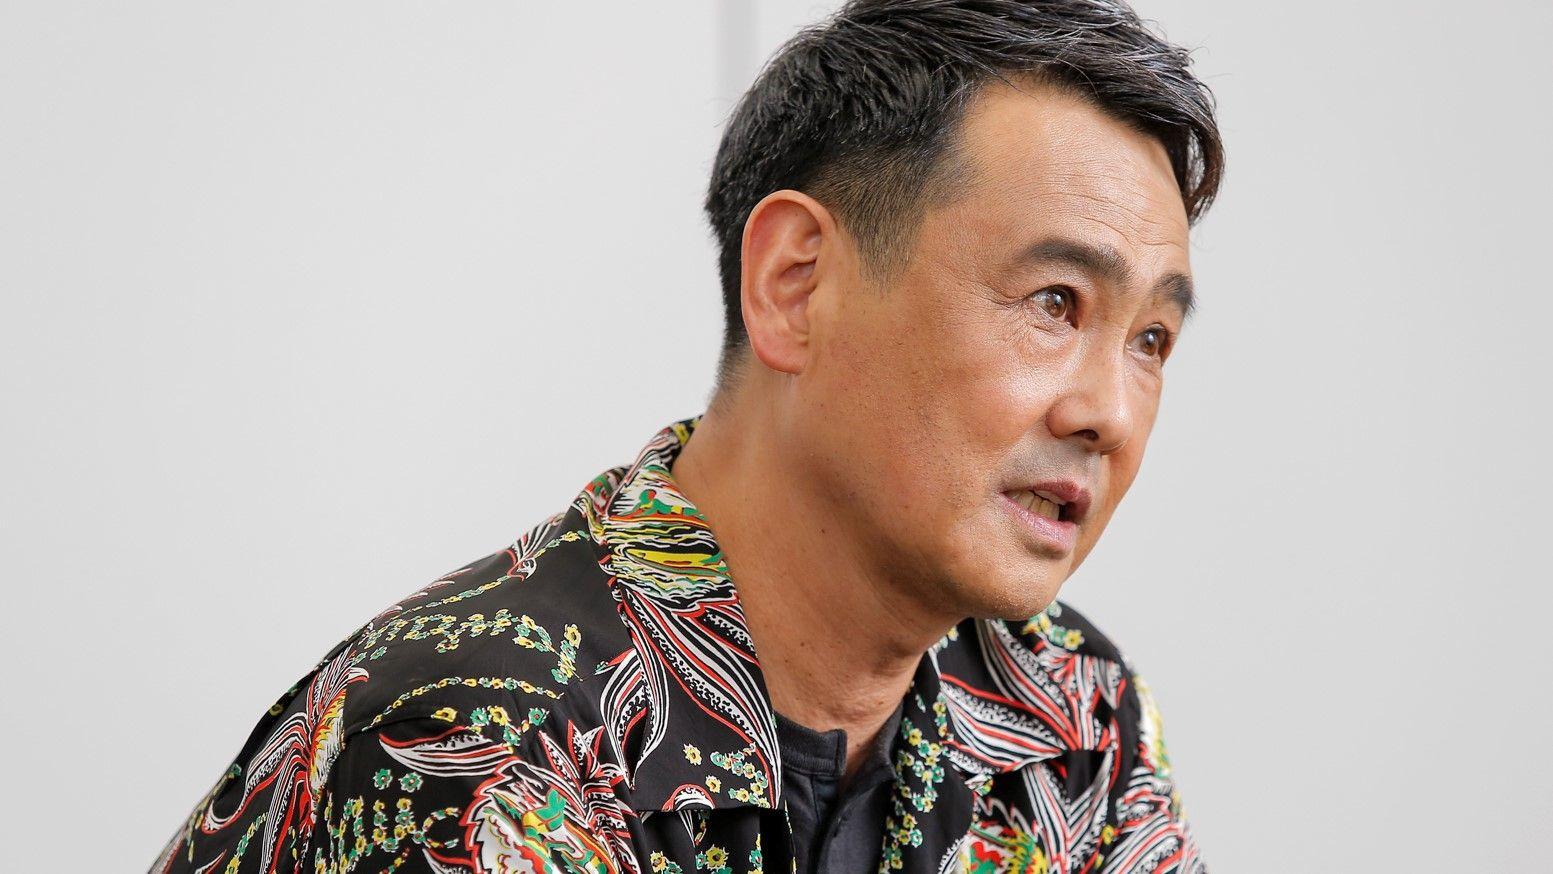 野村宏伸「8000万円を踏み倒されてアルバイト生活へ。逃げなかったから今がある」